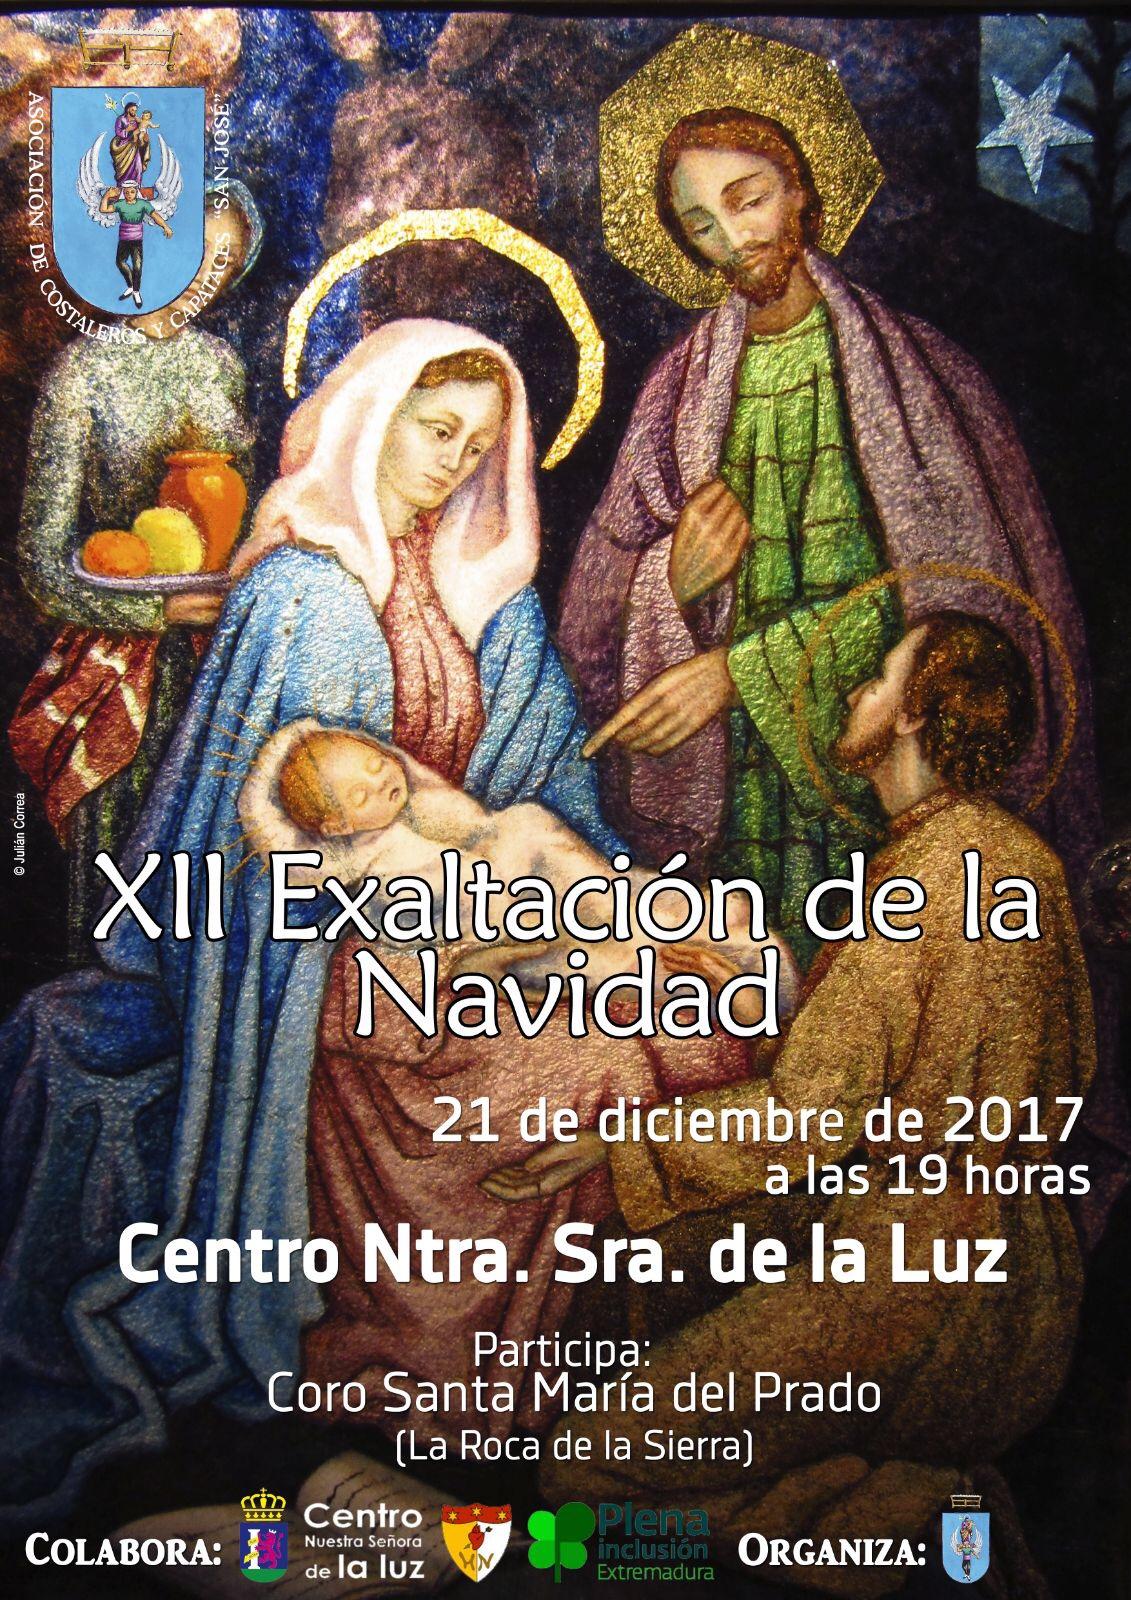 XII Exaltación de la Navidad